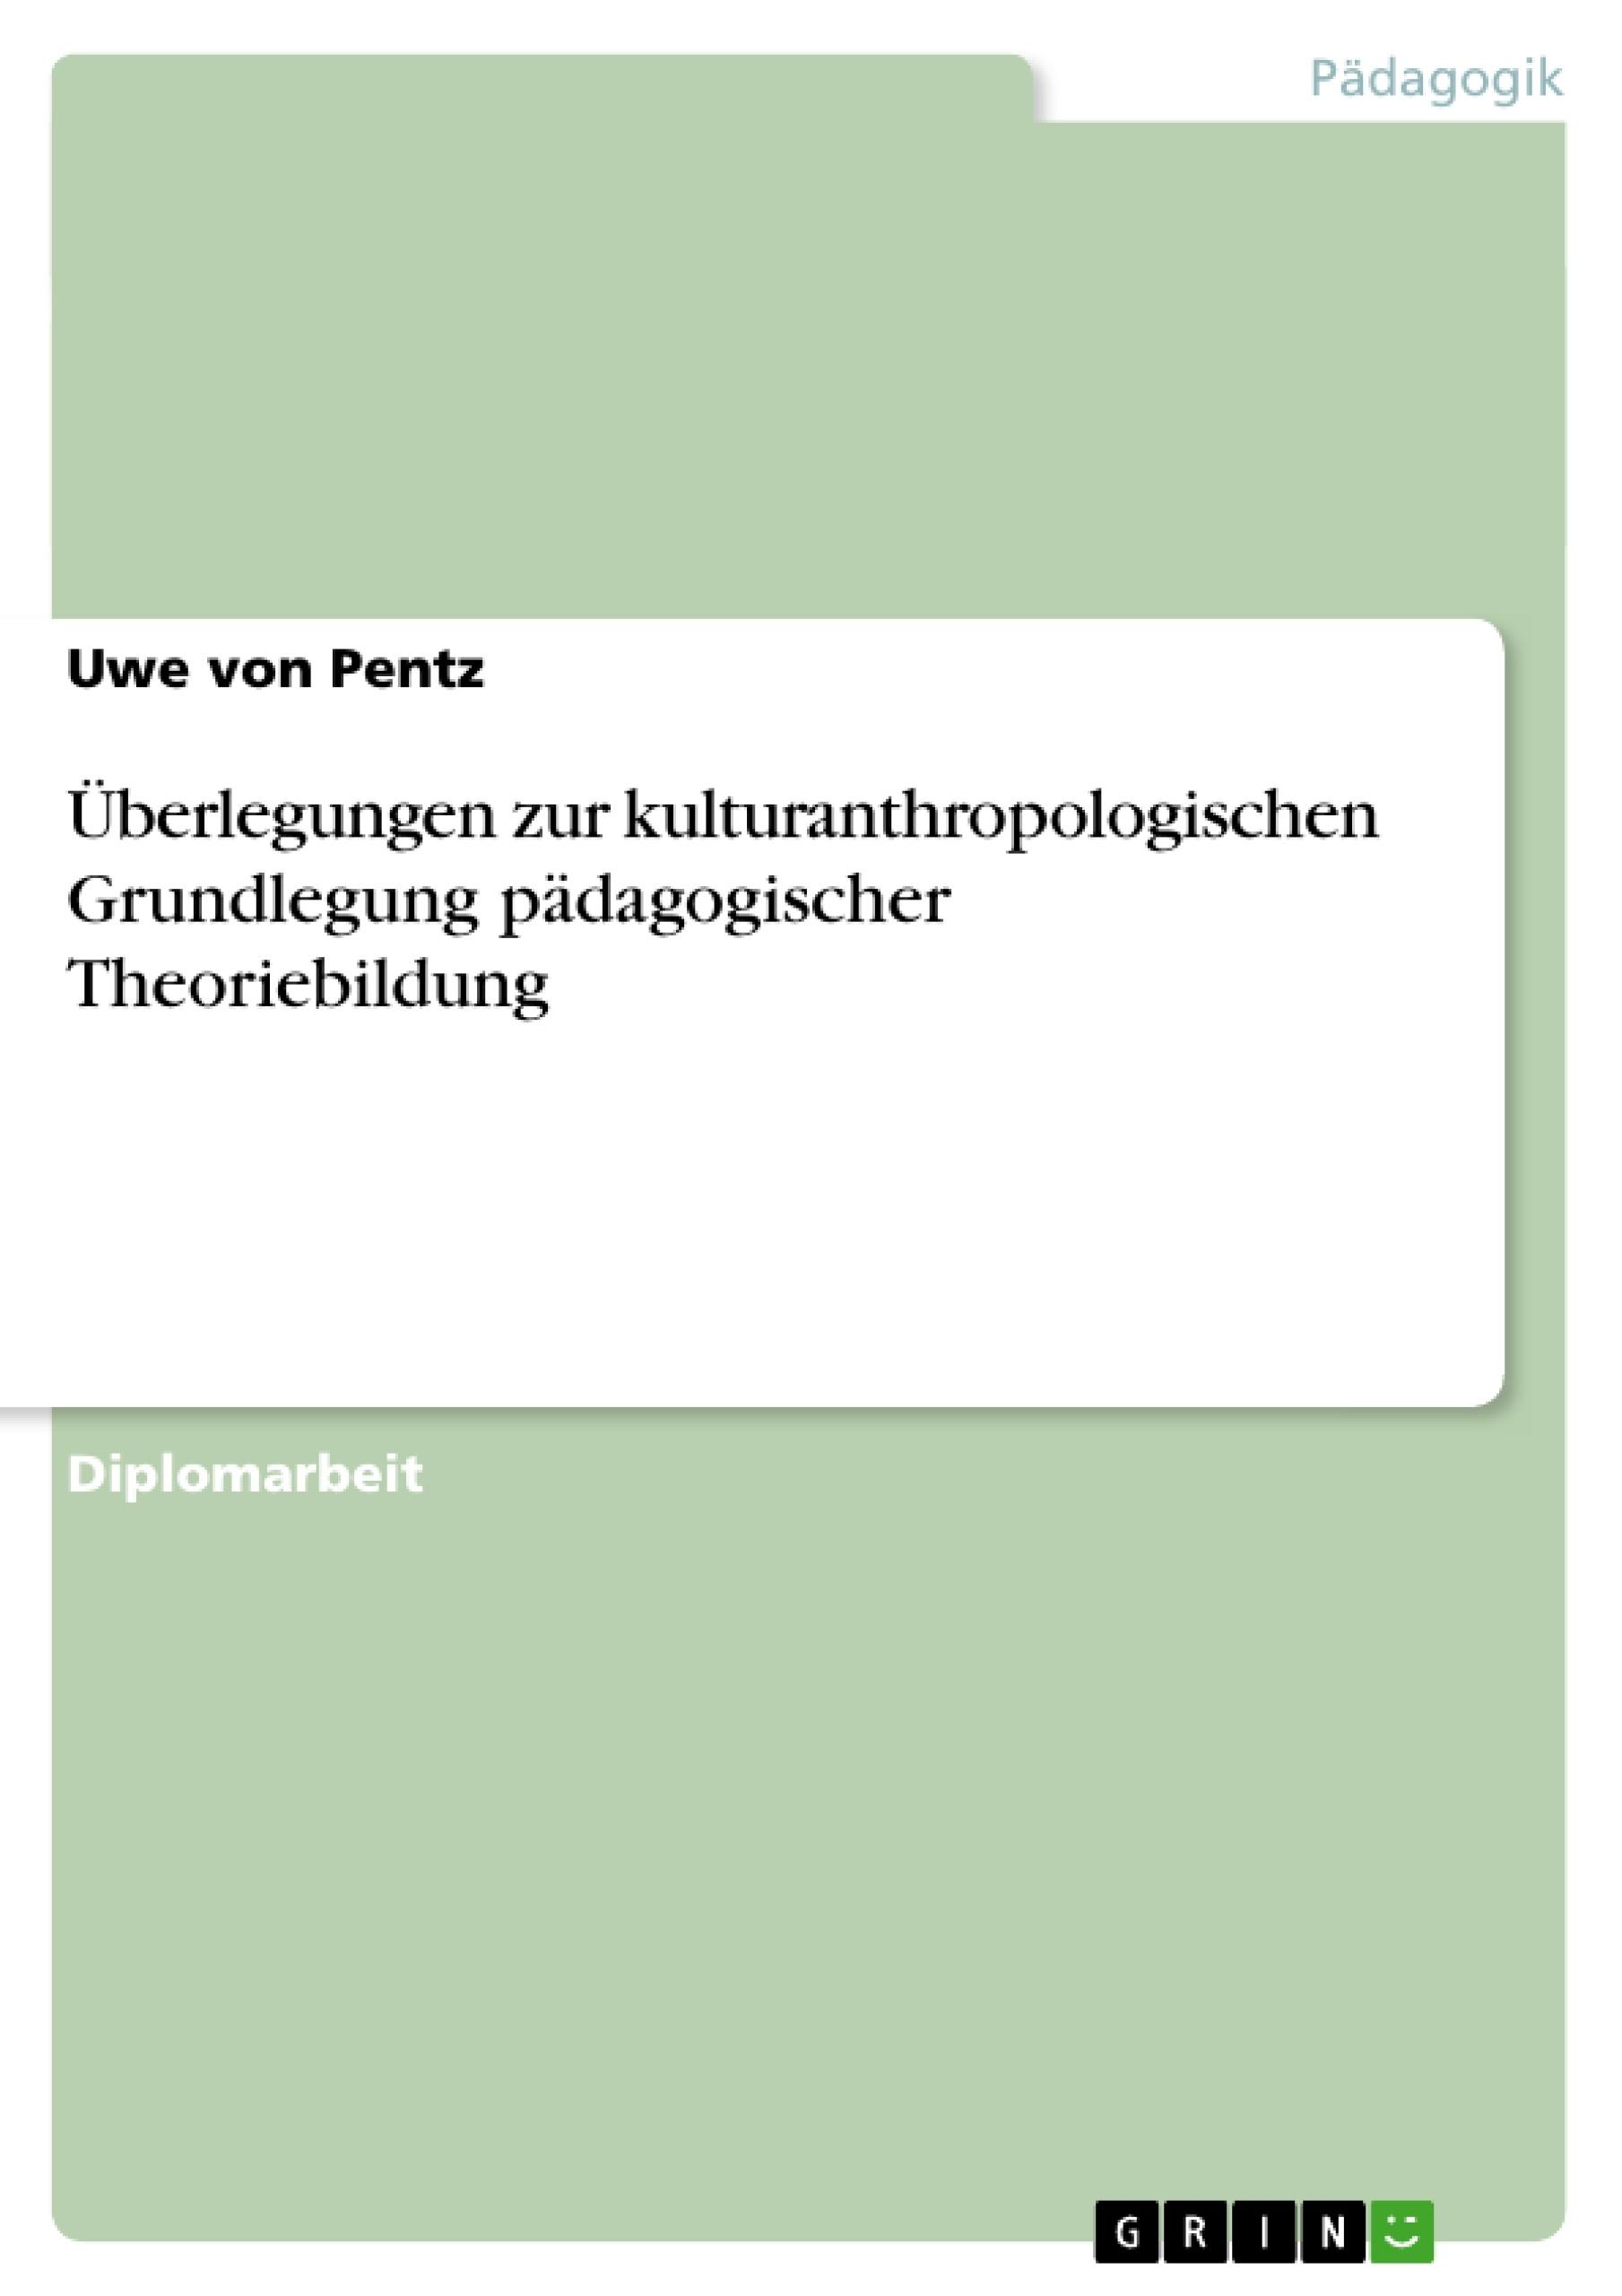 Titel: Überlegungen zur kulturanthropologischen Grundlegung pädagogischer Theoriebildung